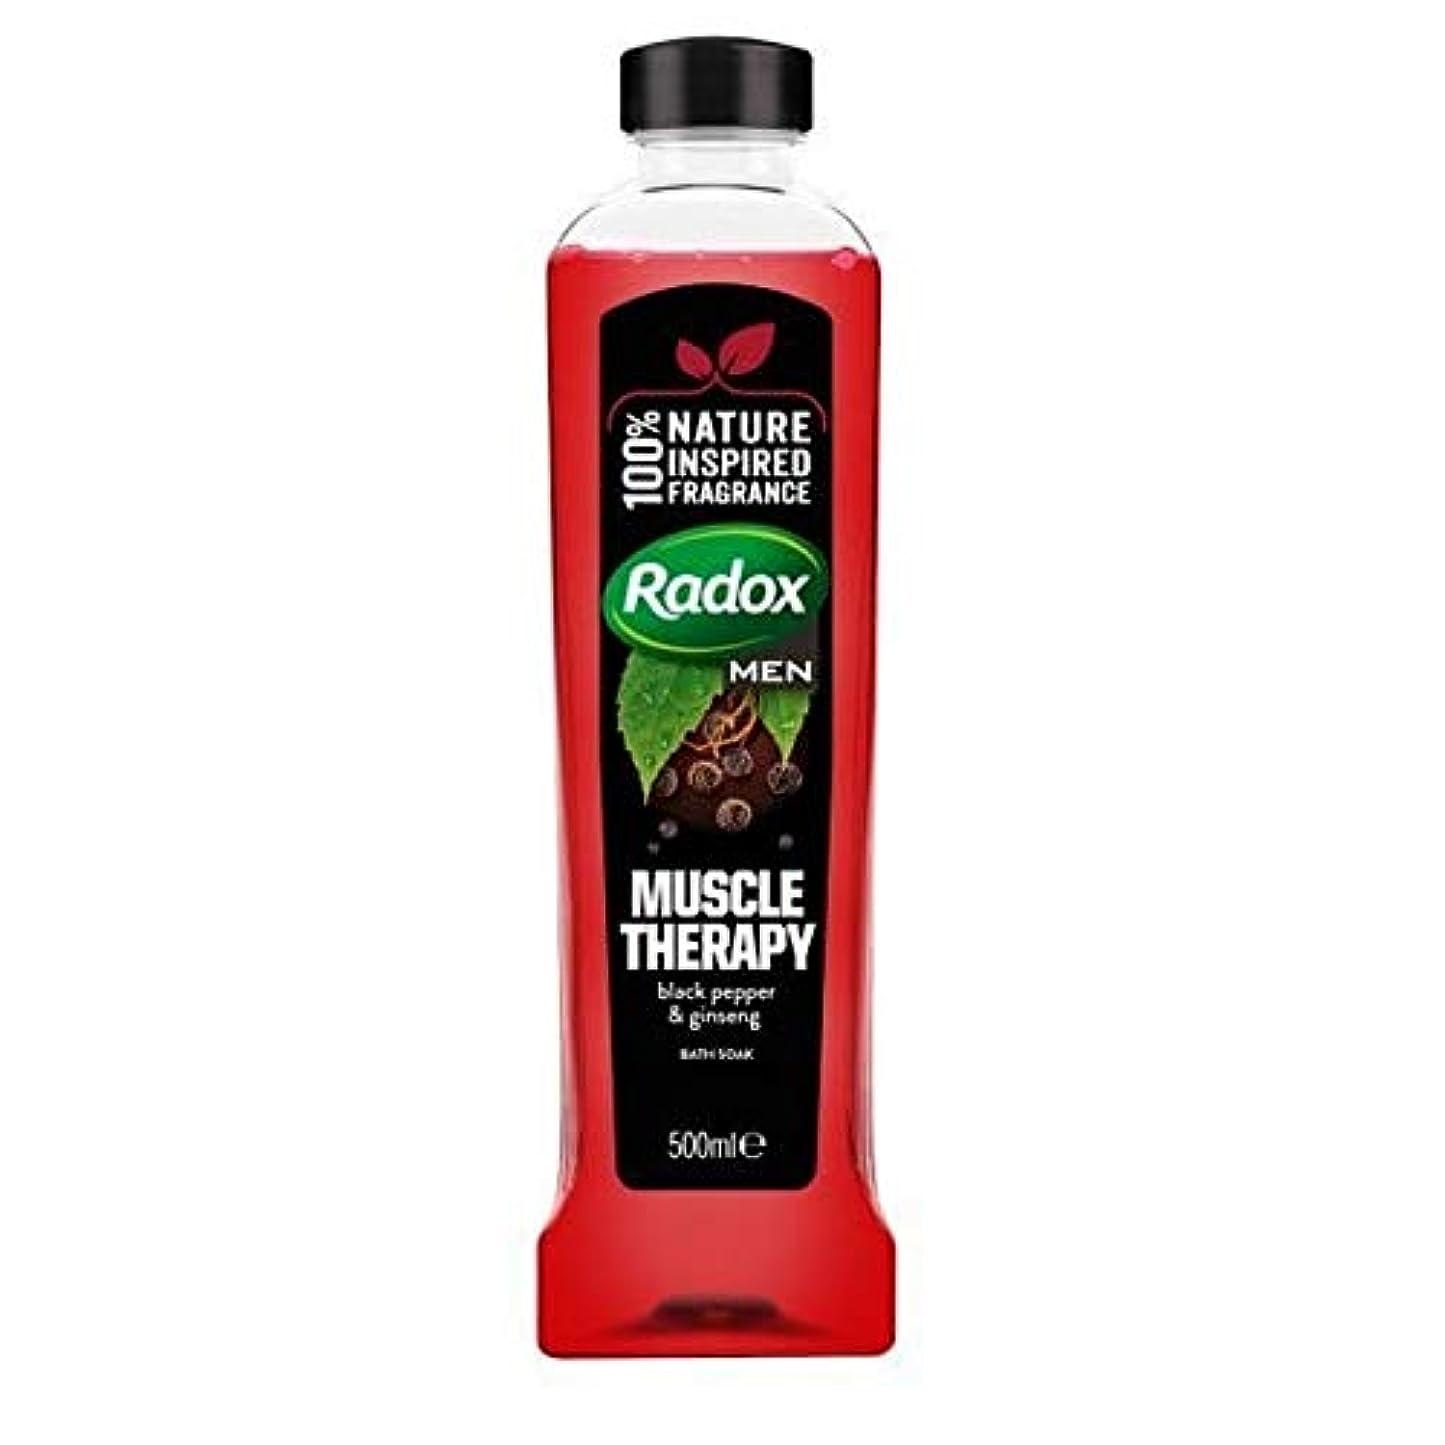 祖母知覚するタイムリーな[Radox] Radoxは、500ミリリットルのソーク良い香り筋肉の治療風呂を感じます - Radox Feel Good Fragrance Muscle Therapy Bath Soak 500ml [並行輸入品]